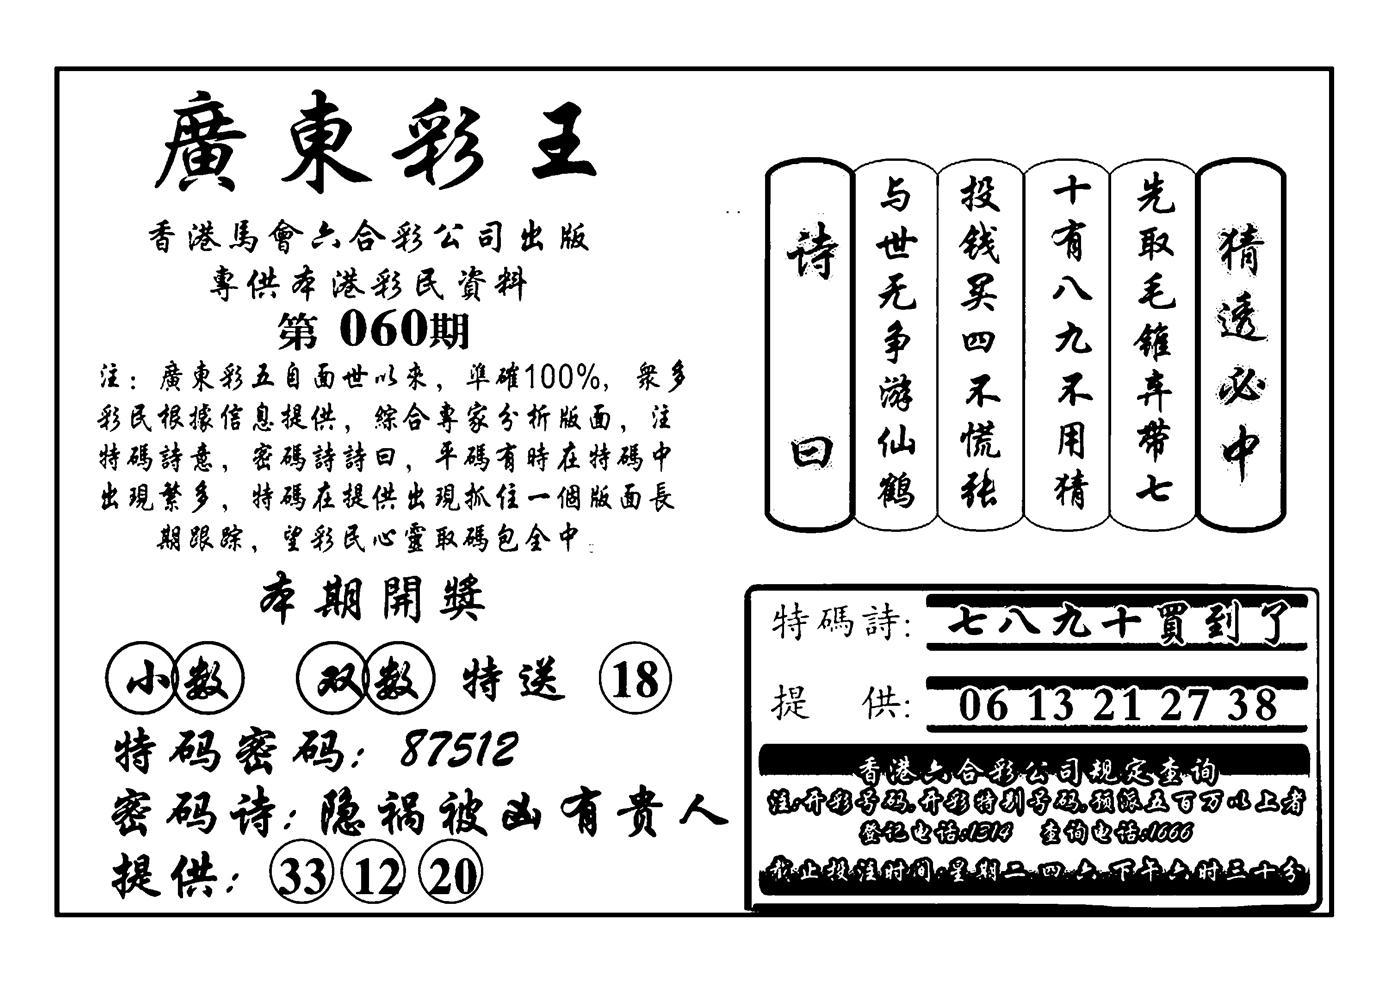 060期广东彩王(黑白)